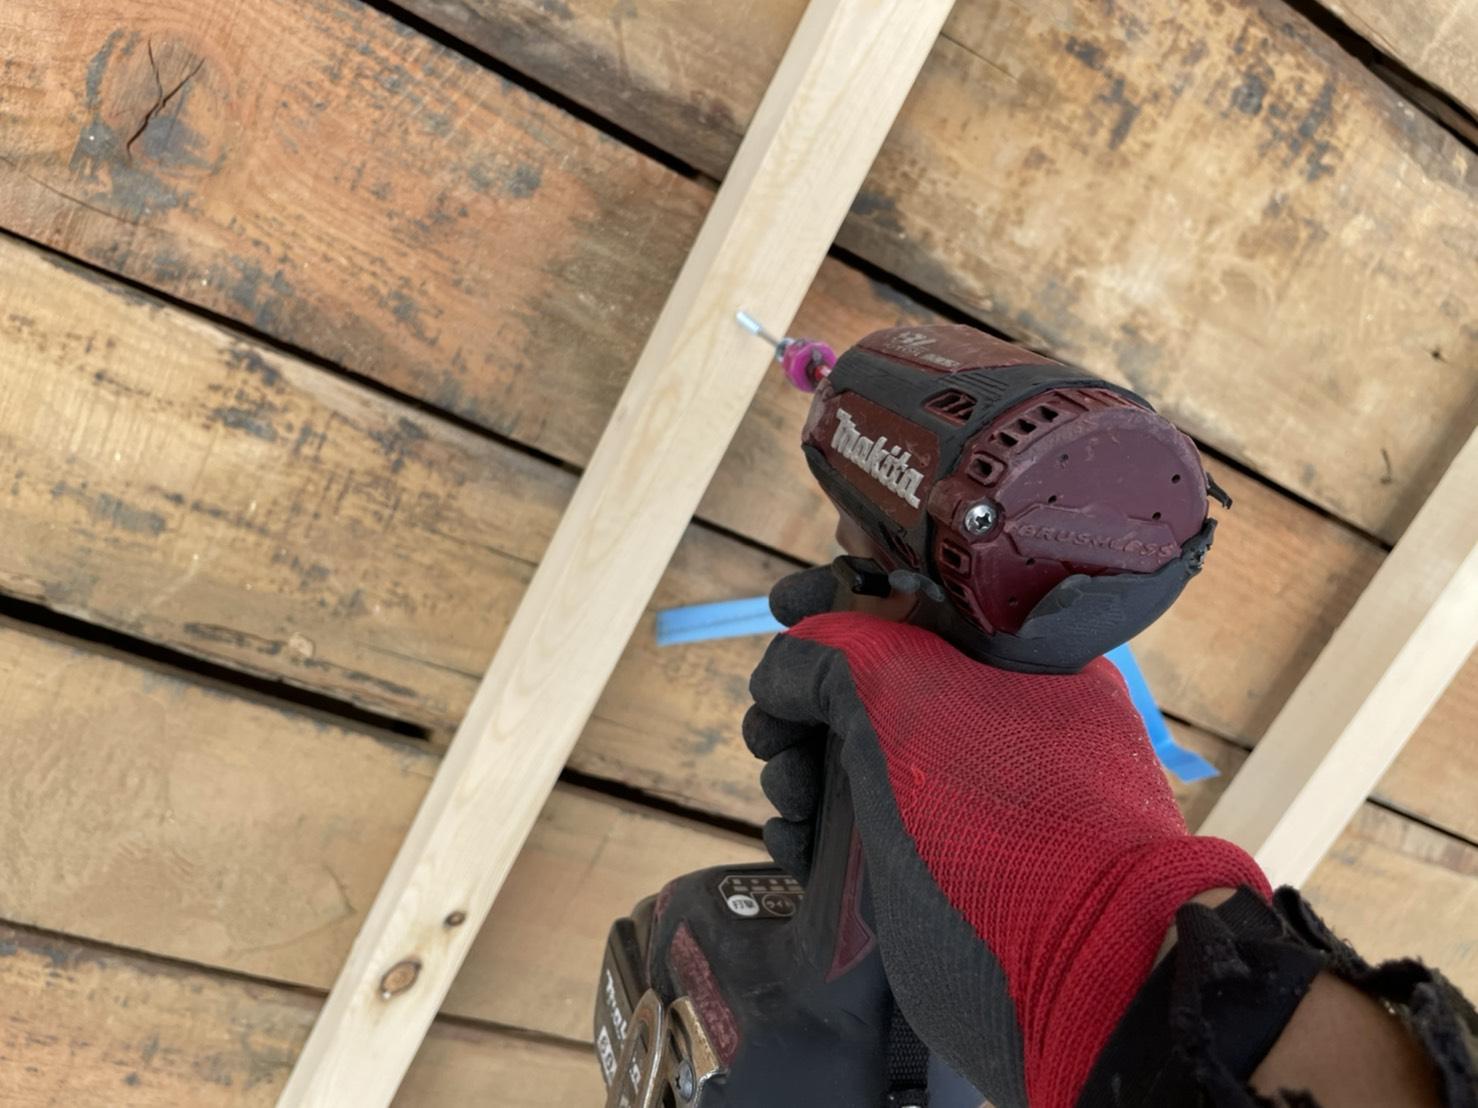 神戸市での雨漏りしている屋根葺き直し工事で垂木をビス固定している様子